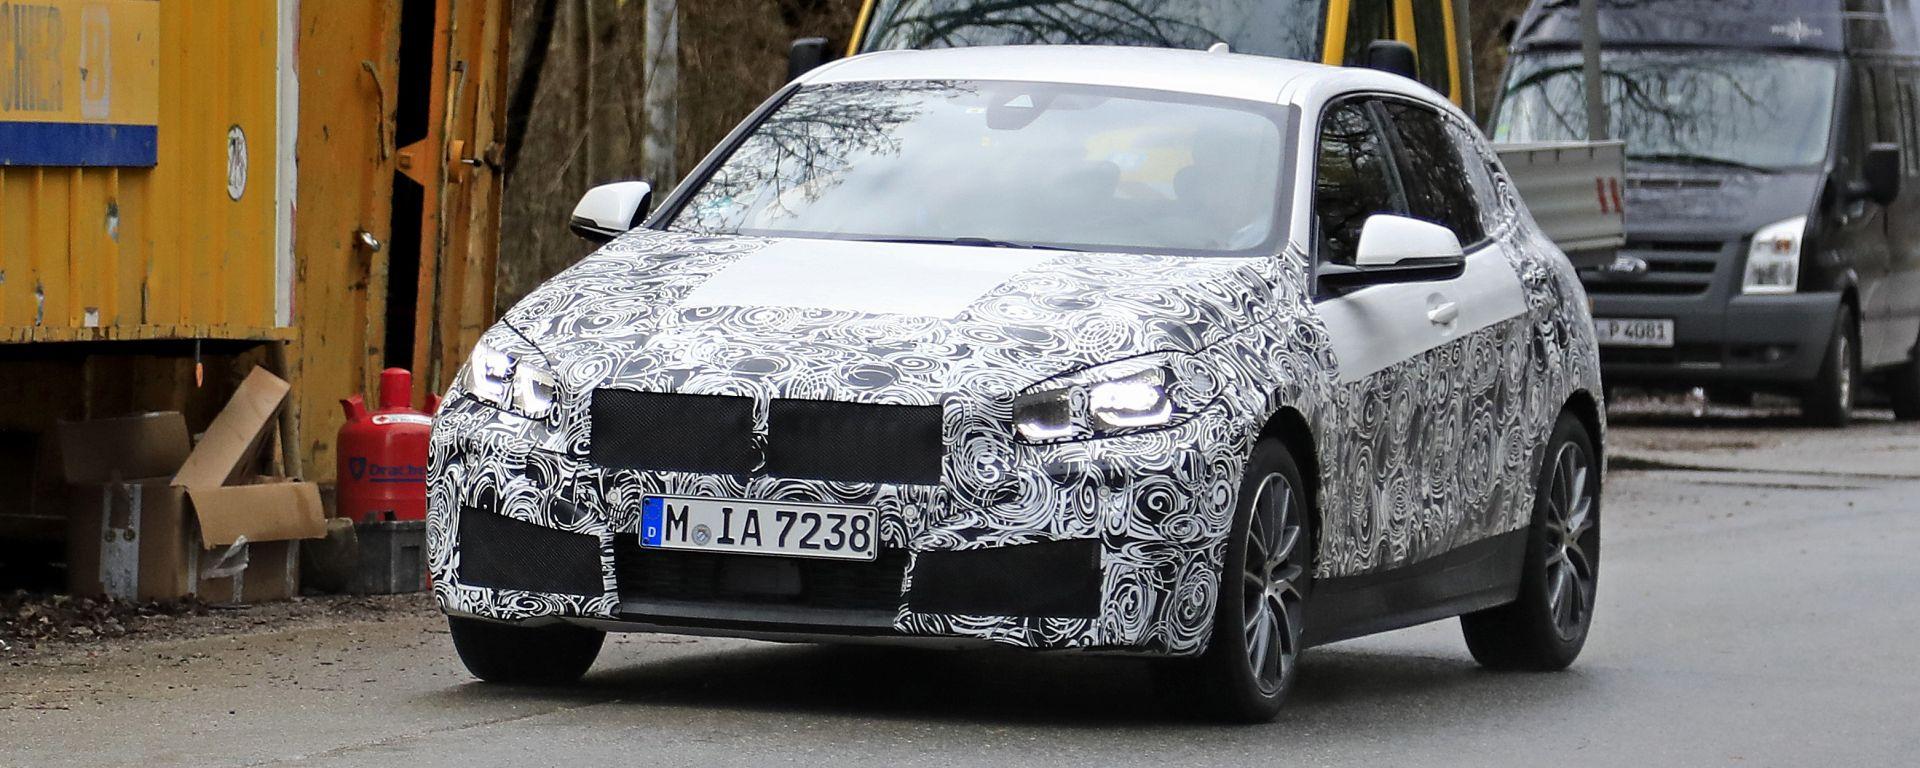 Nuova BMW Serie 1: debutto imminente, arriva a Ginevra?